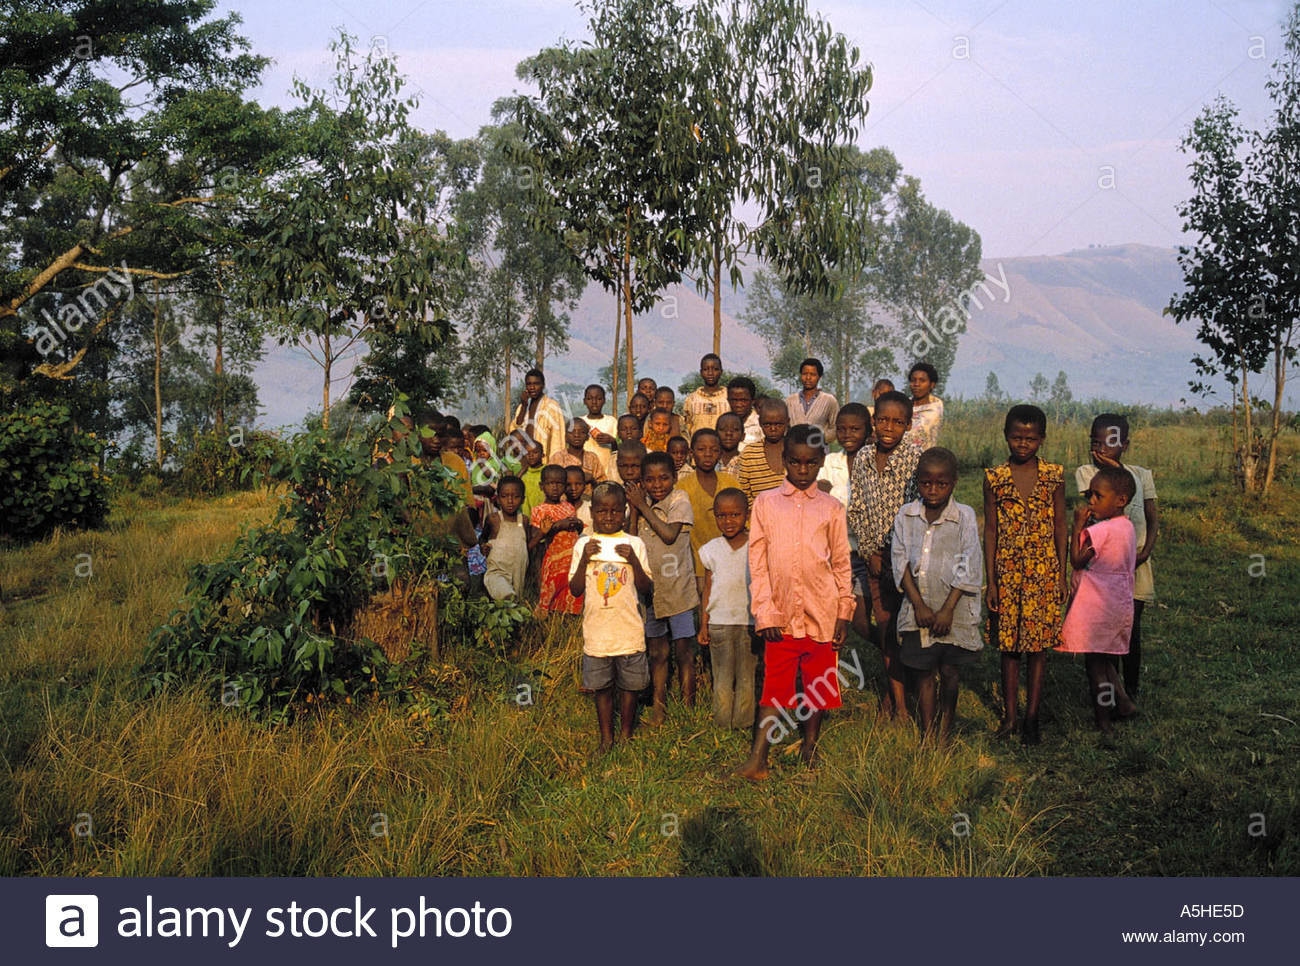 portrait of children rwanda - Stock Image